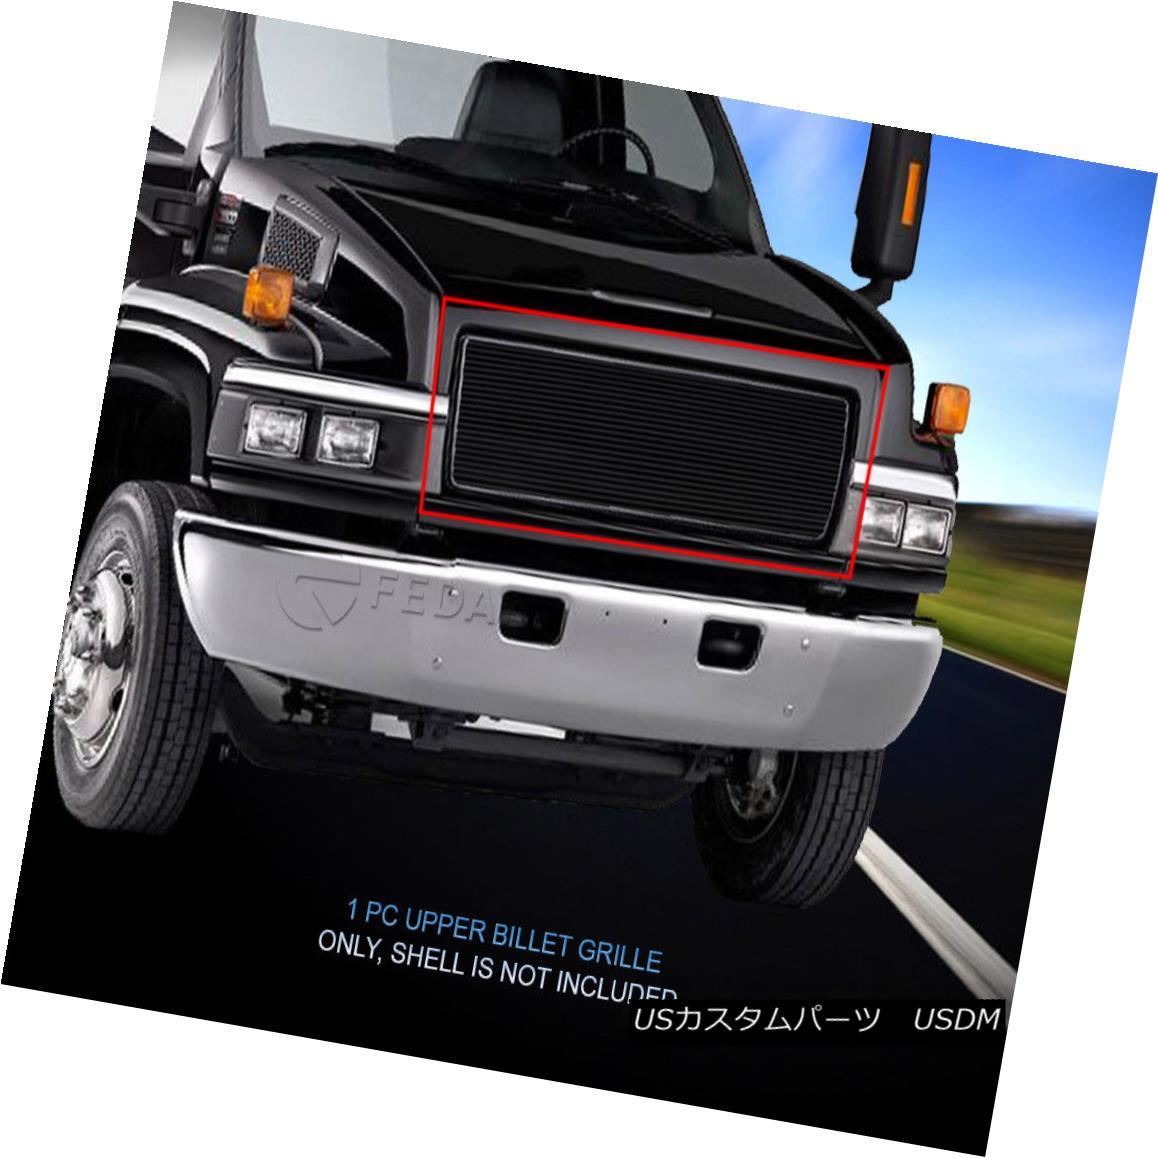 グリル Fedar Fits 03-09 GMC Topkick C4500/C5500/C6500/C7500 Black Upper Billet Grille Feder Fits 03-09 GMC Topkick C4500 / C5500 / C6 500 / C7500 Black Upper Billet Grille